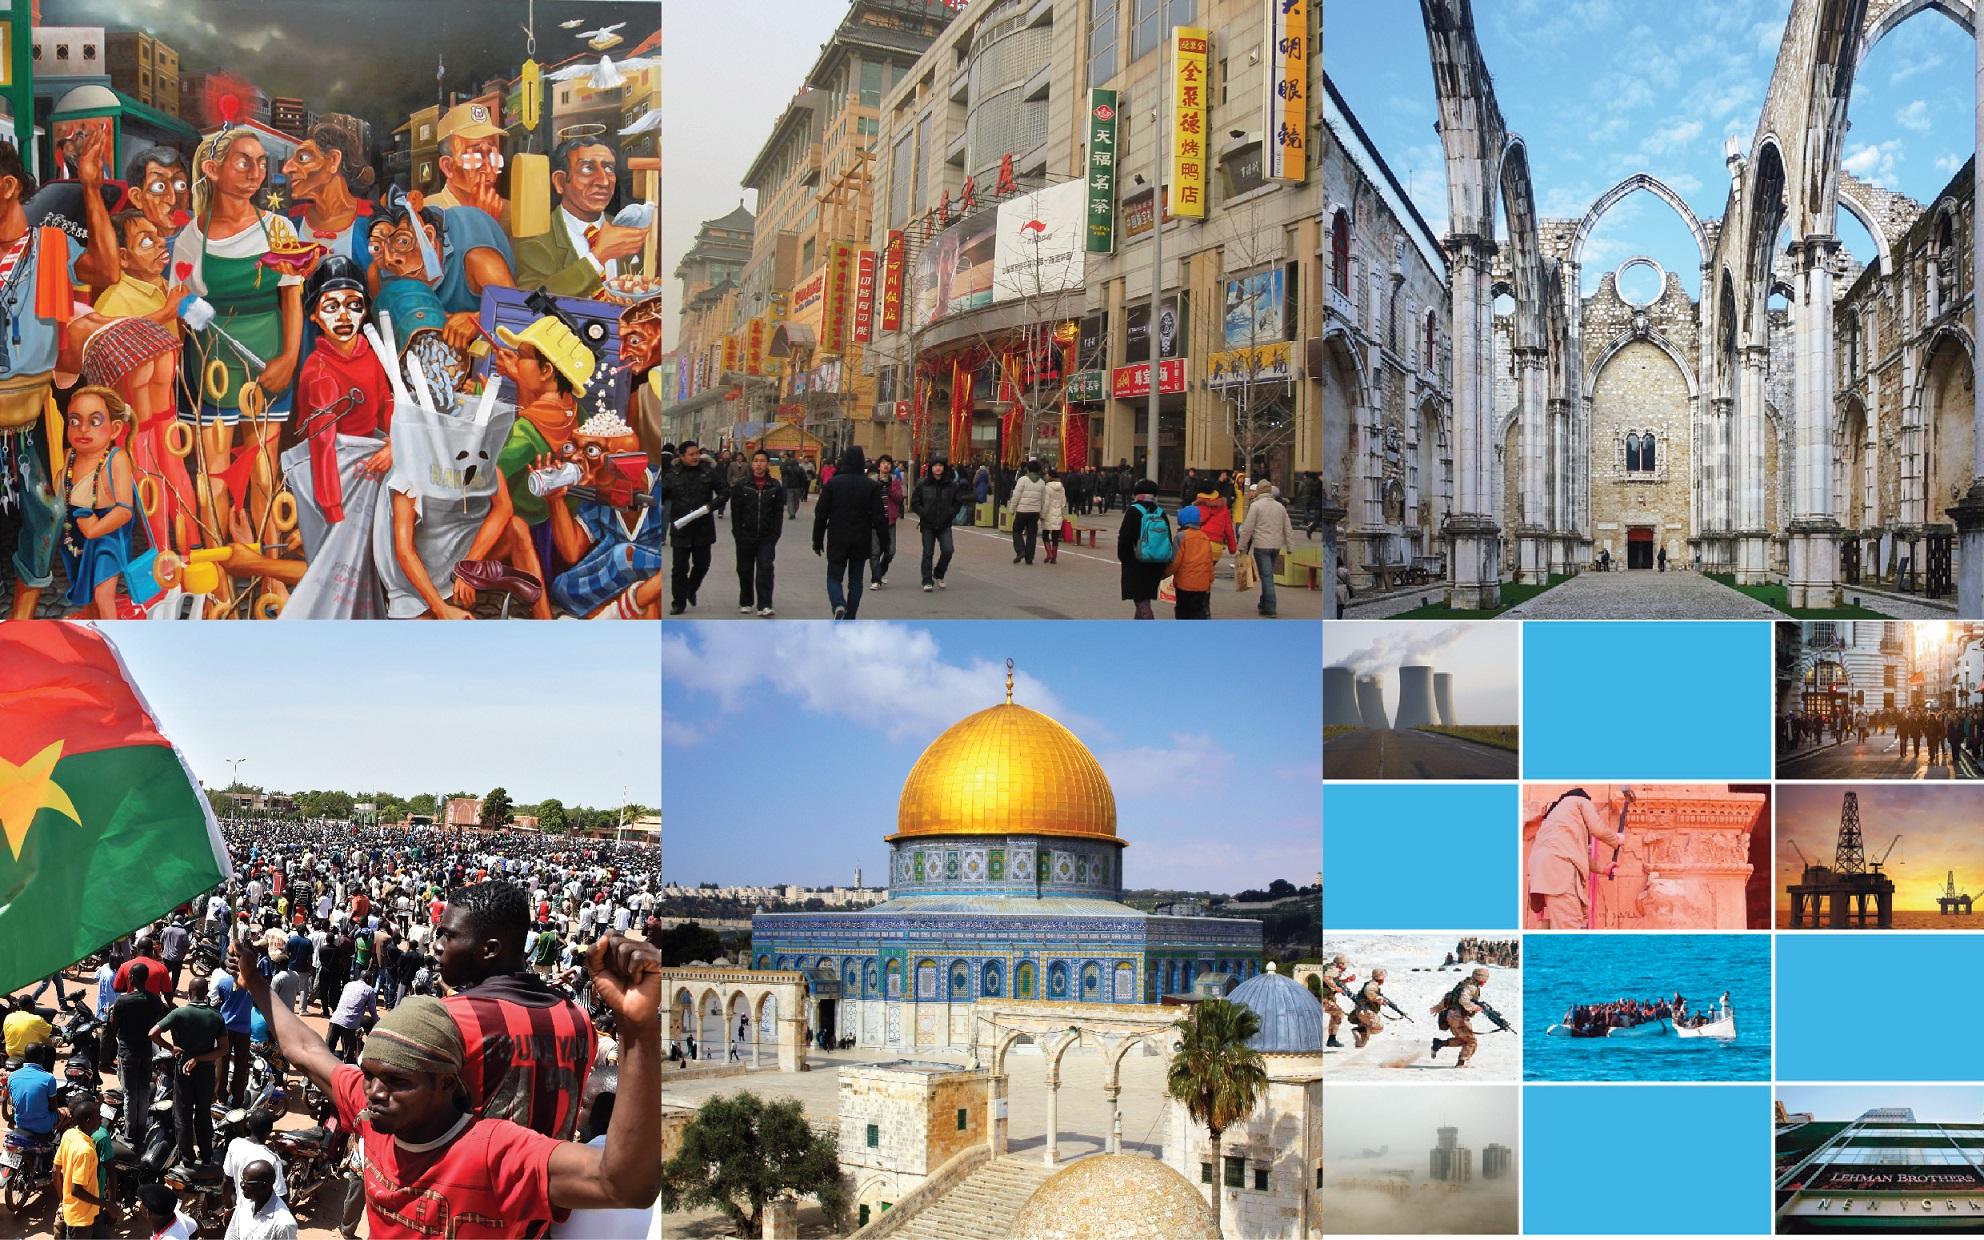 Cursos de Verão – International Studies in Lisbon